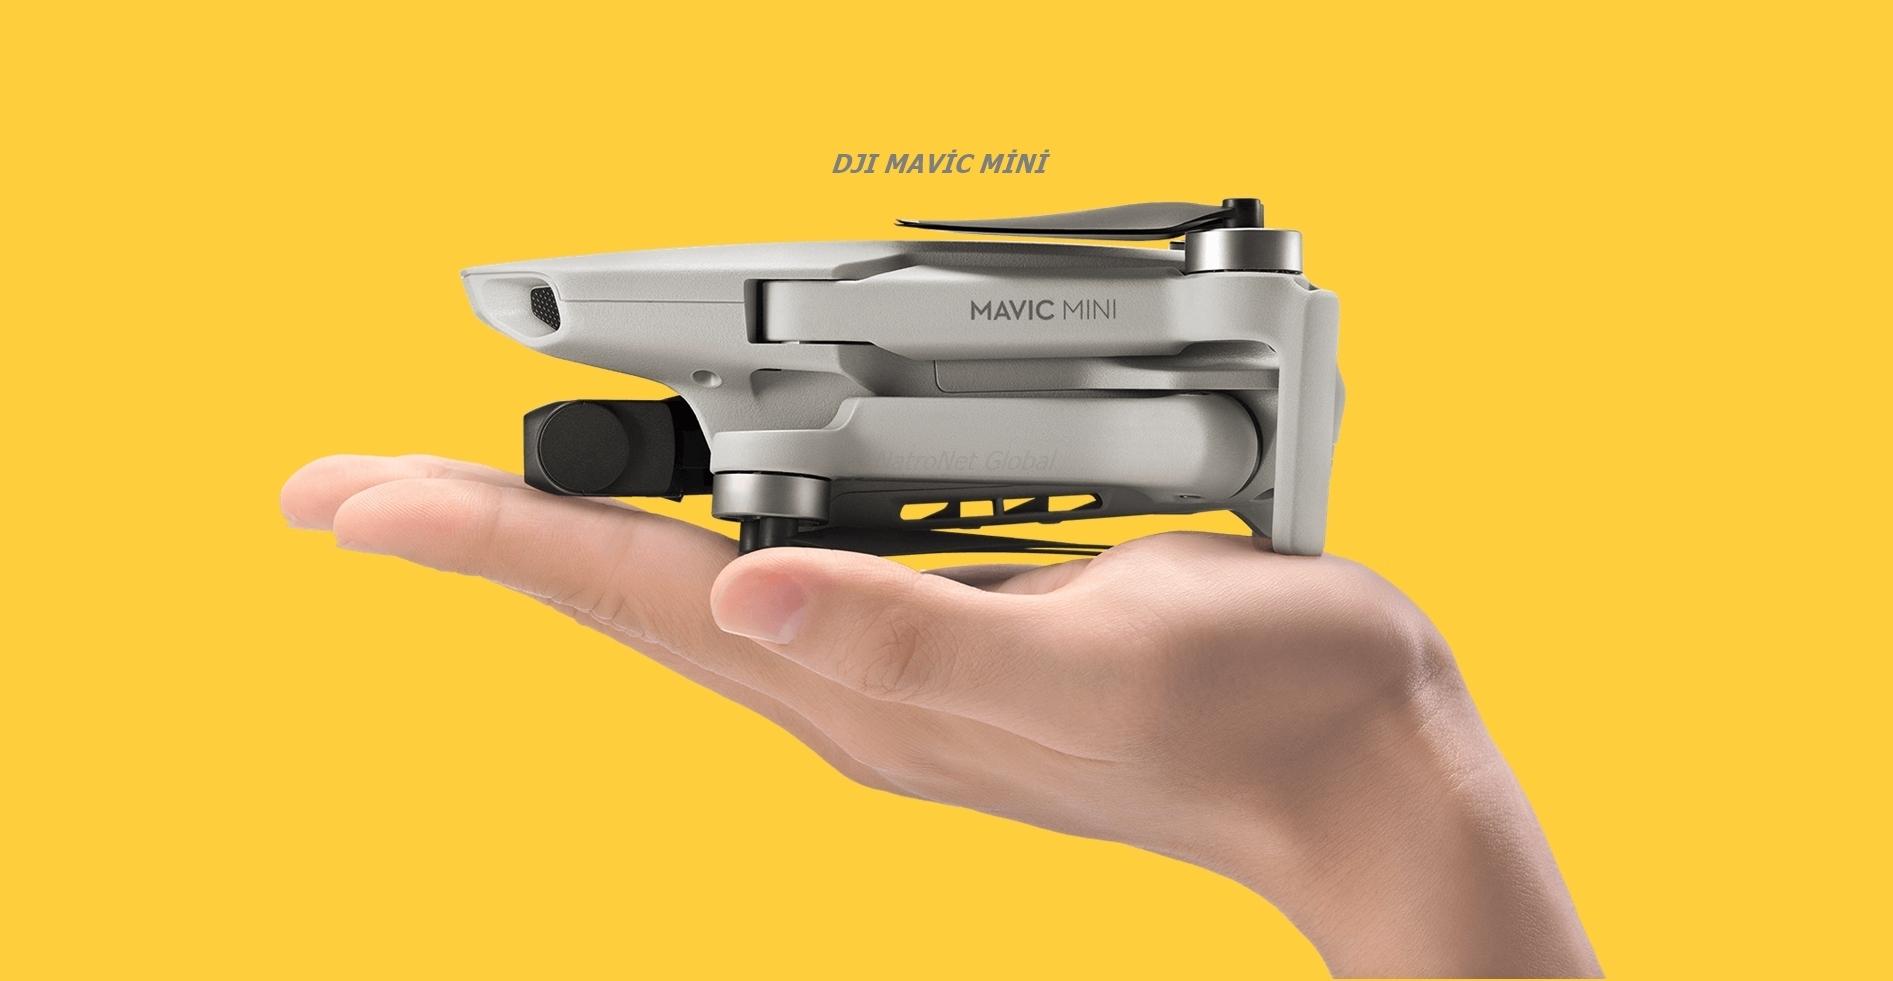 Dji mavic mini drone natronet global stoklarında